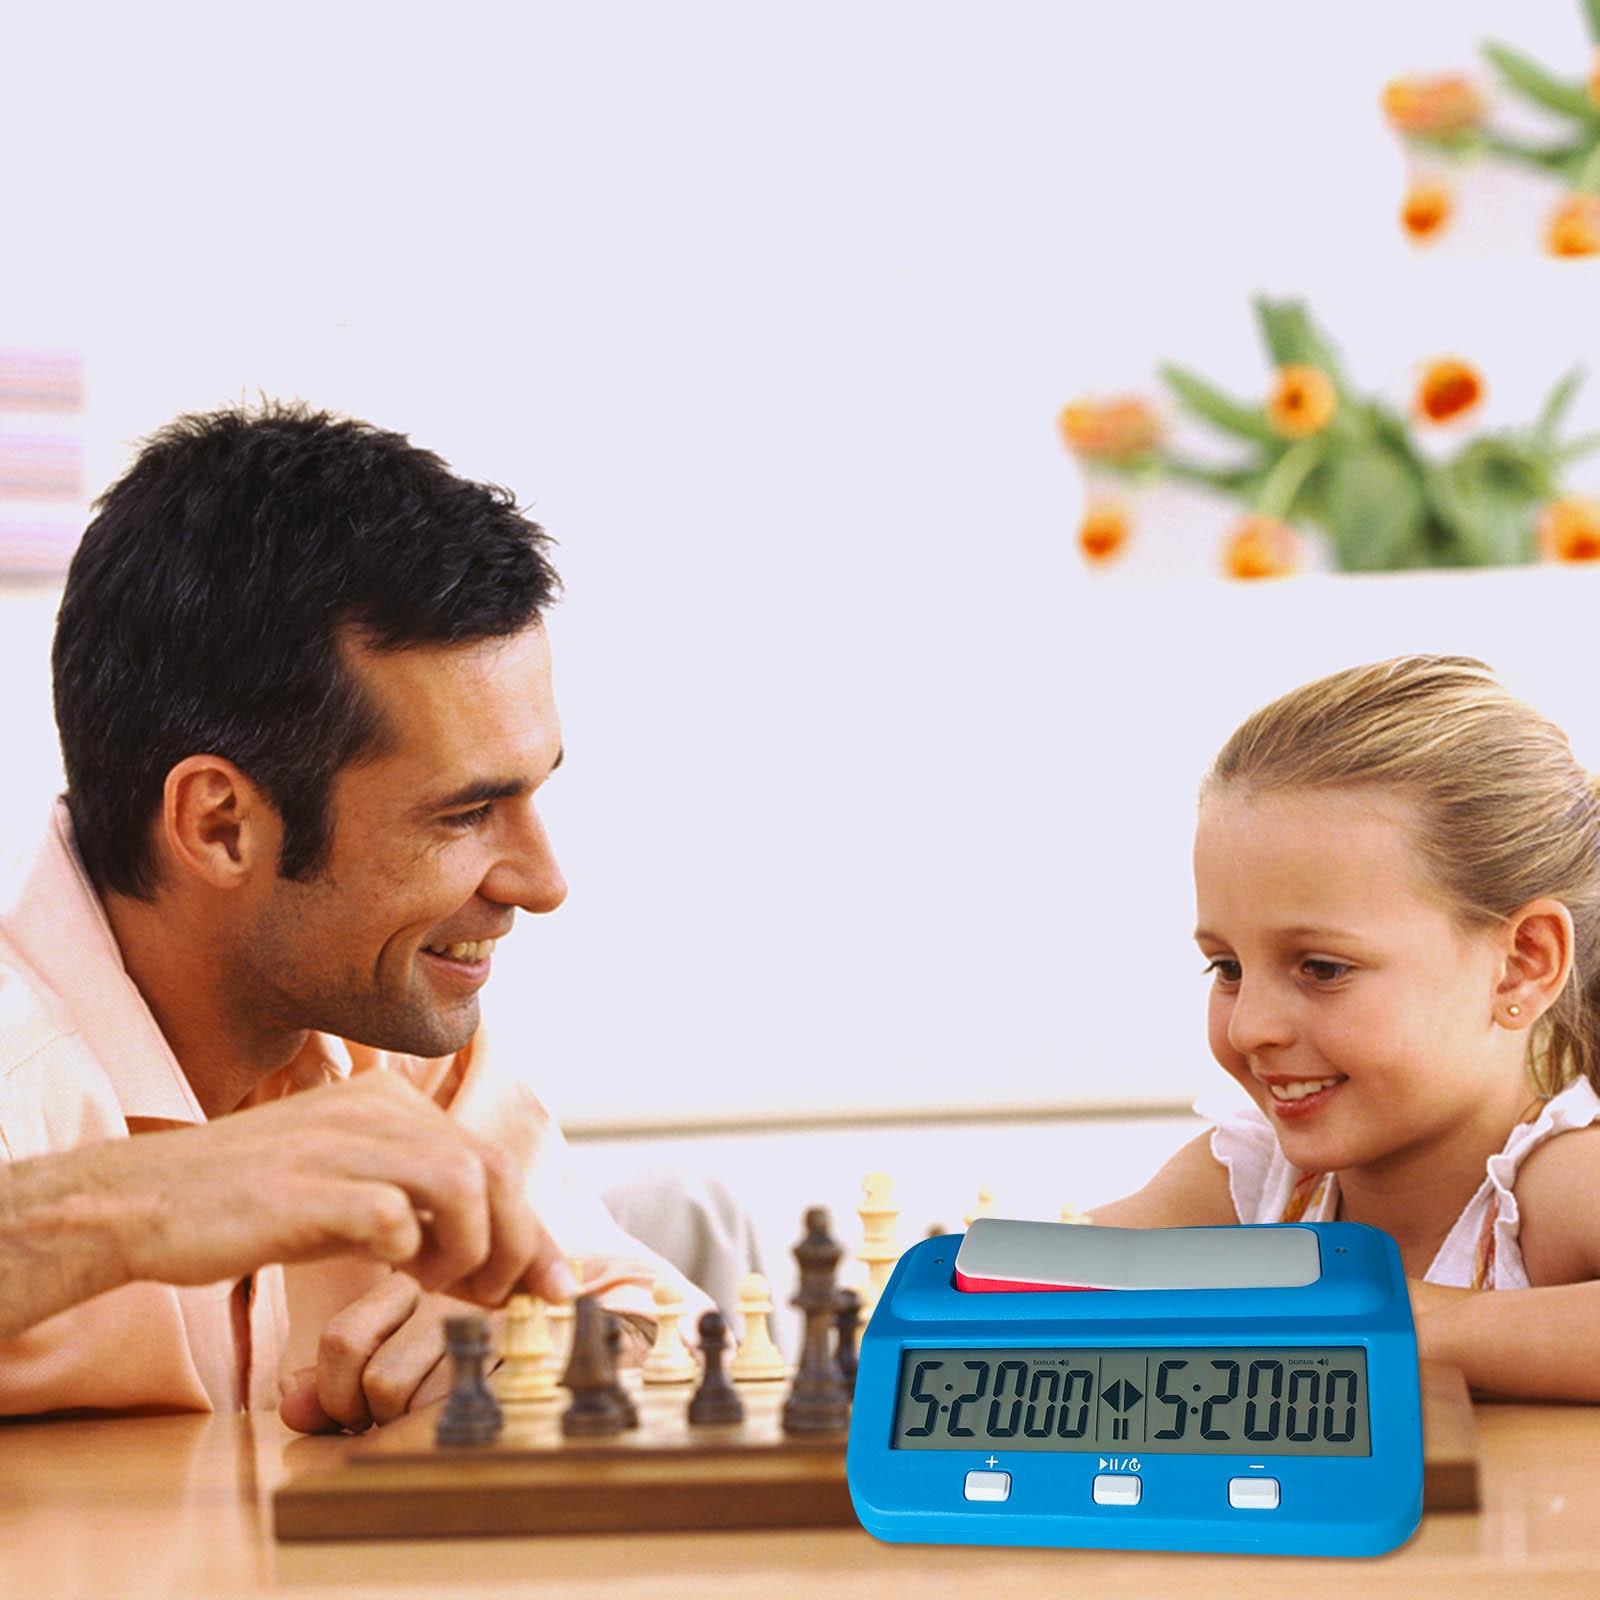 garde-xadrez relógio de contagem para baixo temporizador